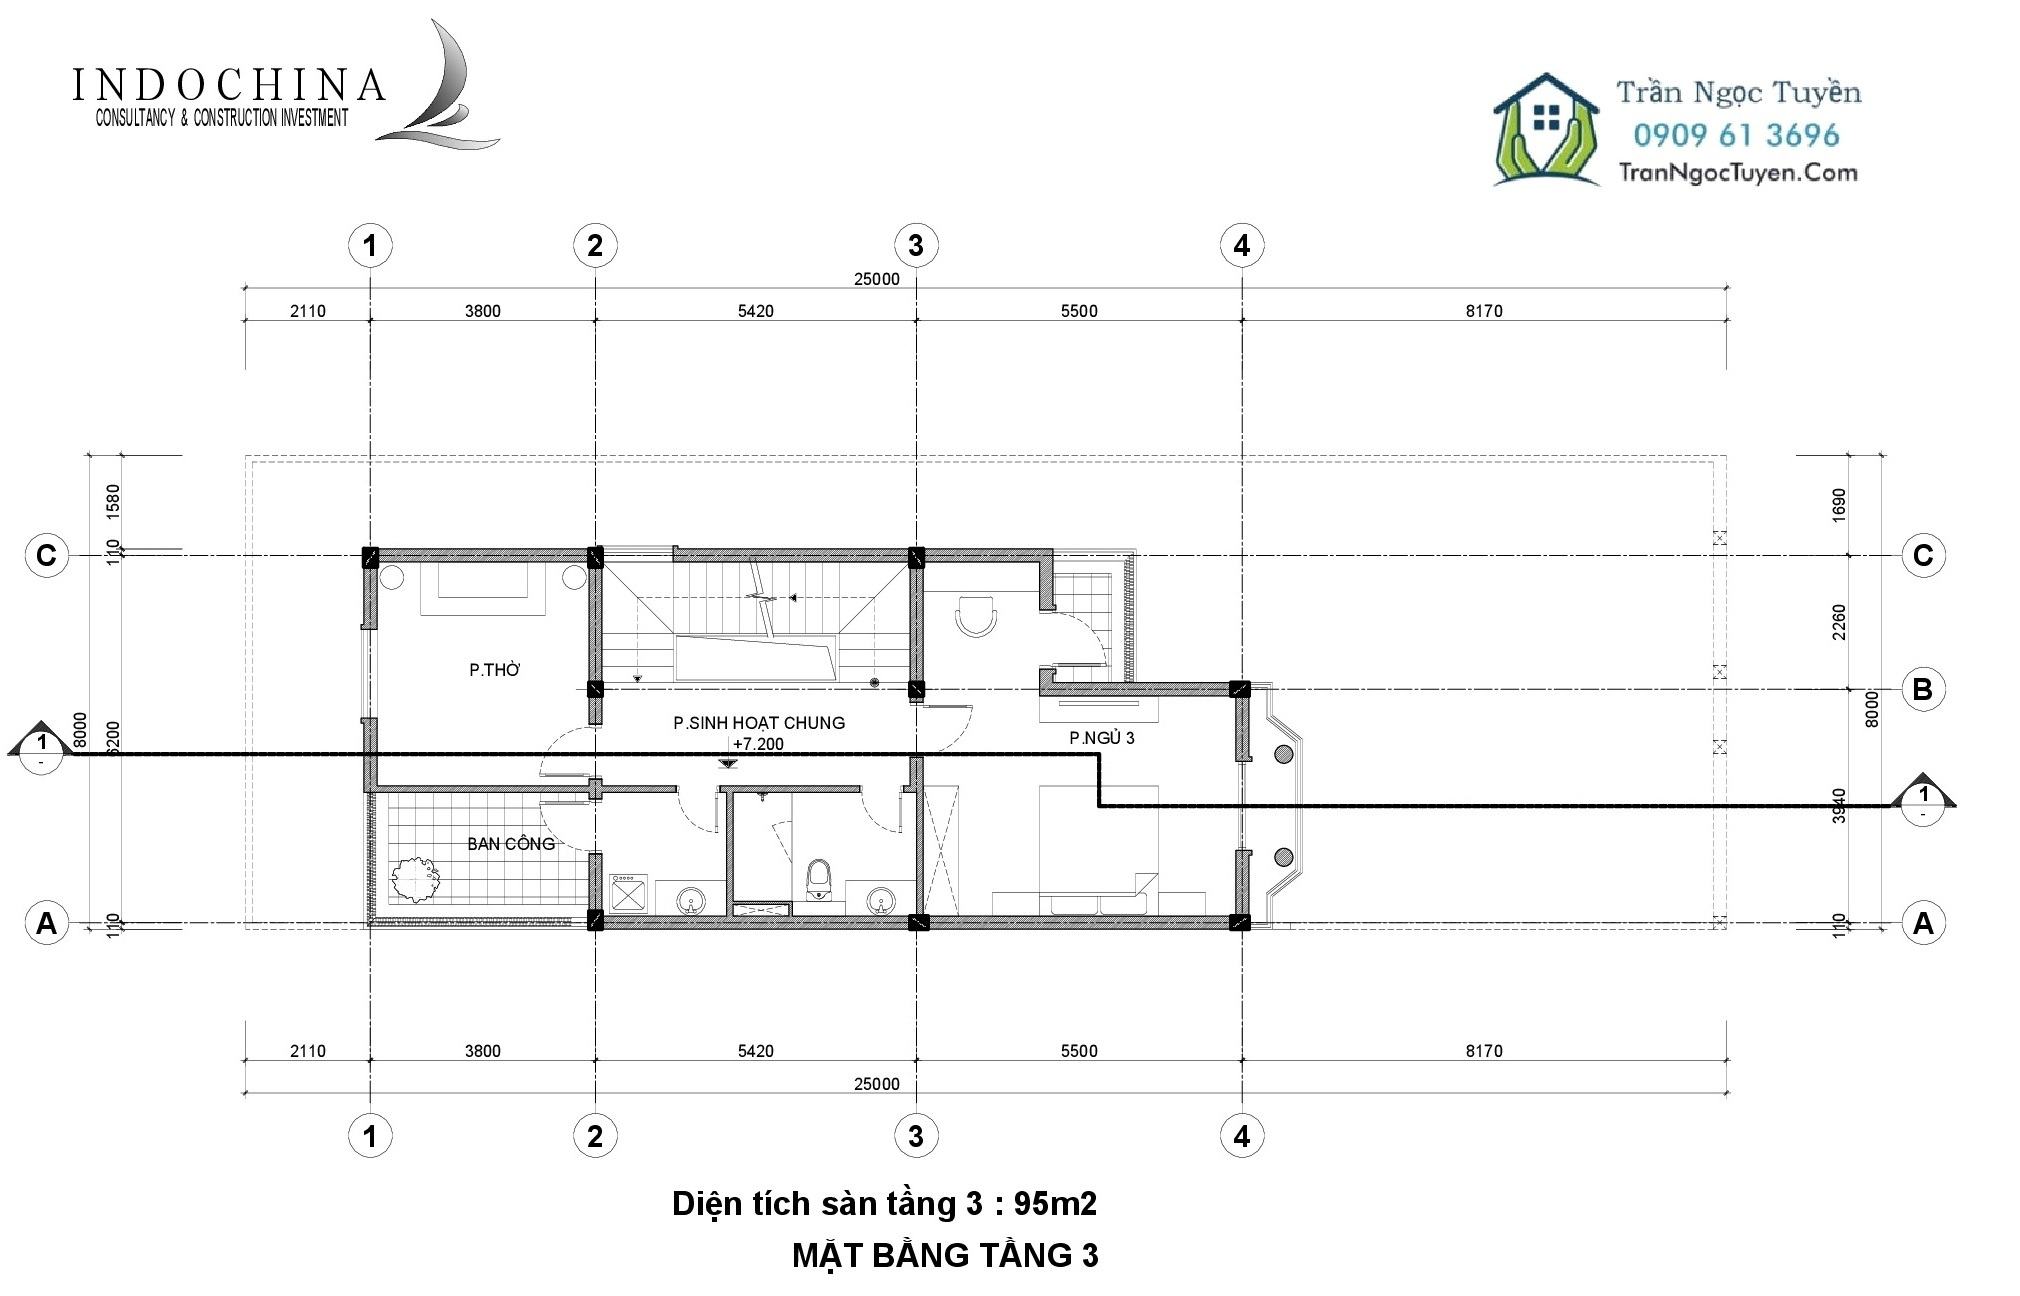 Mặt bằng thiết kế biệt thự The Phoenix Garden 200m2 mẫu 3 tầng 3